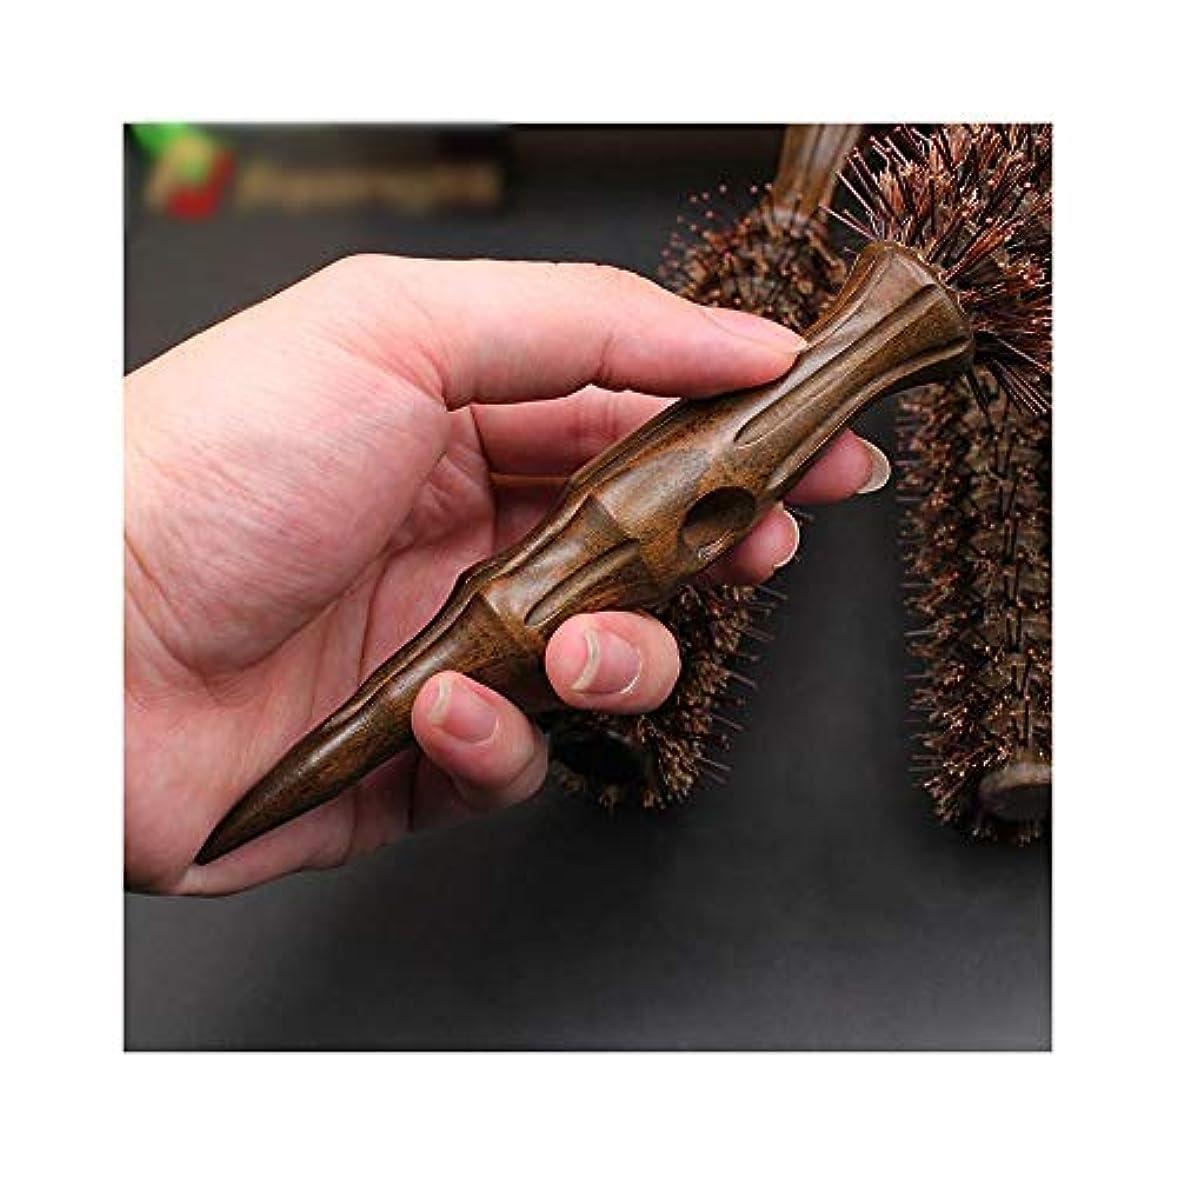 経歴うん論争的ACHAOHUIXI 高品質カーリー ヘア コーム、帯電防止ウッド ハンドル ローリング ブラシ用女性&メンズ (サイズ : M)